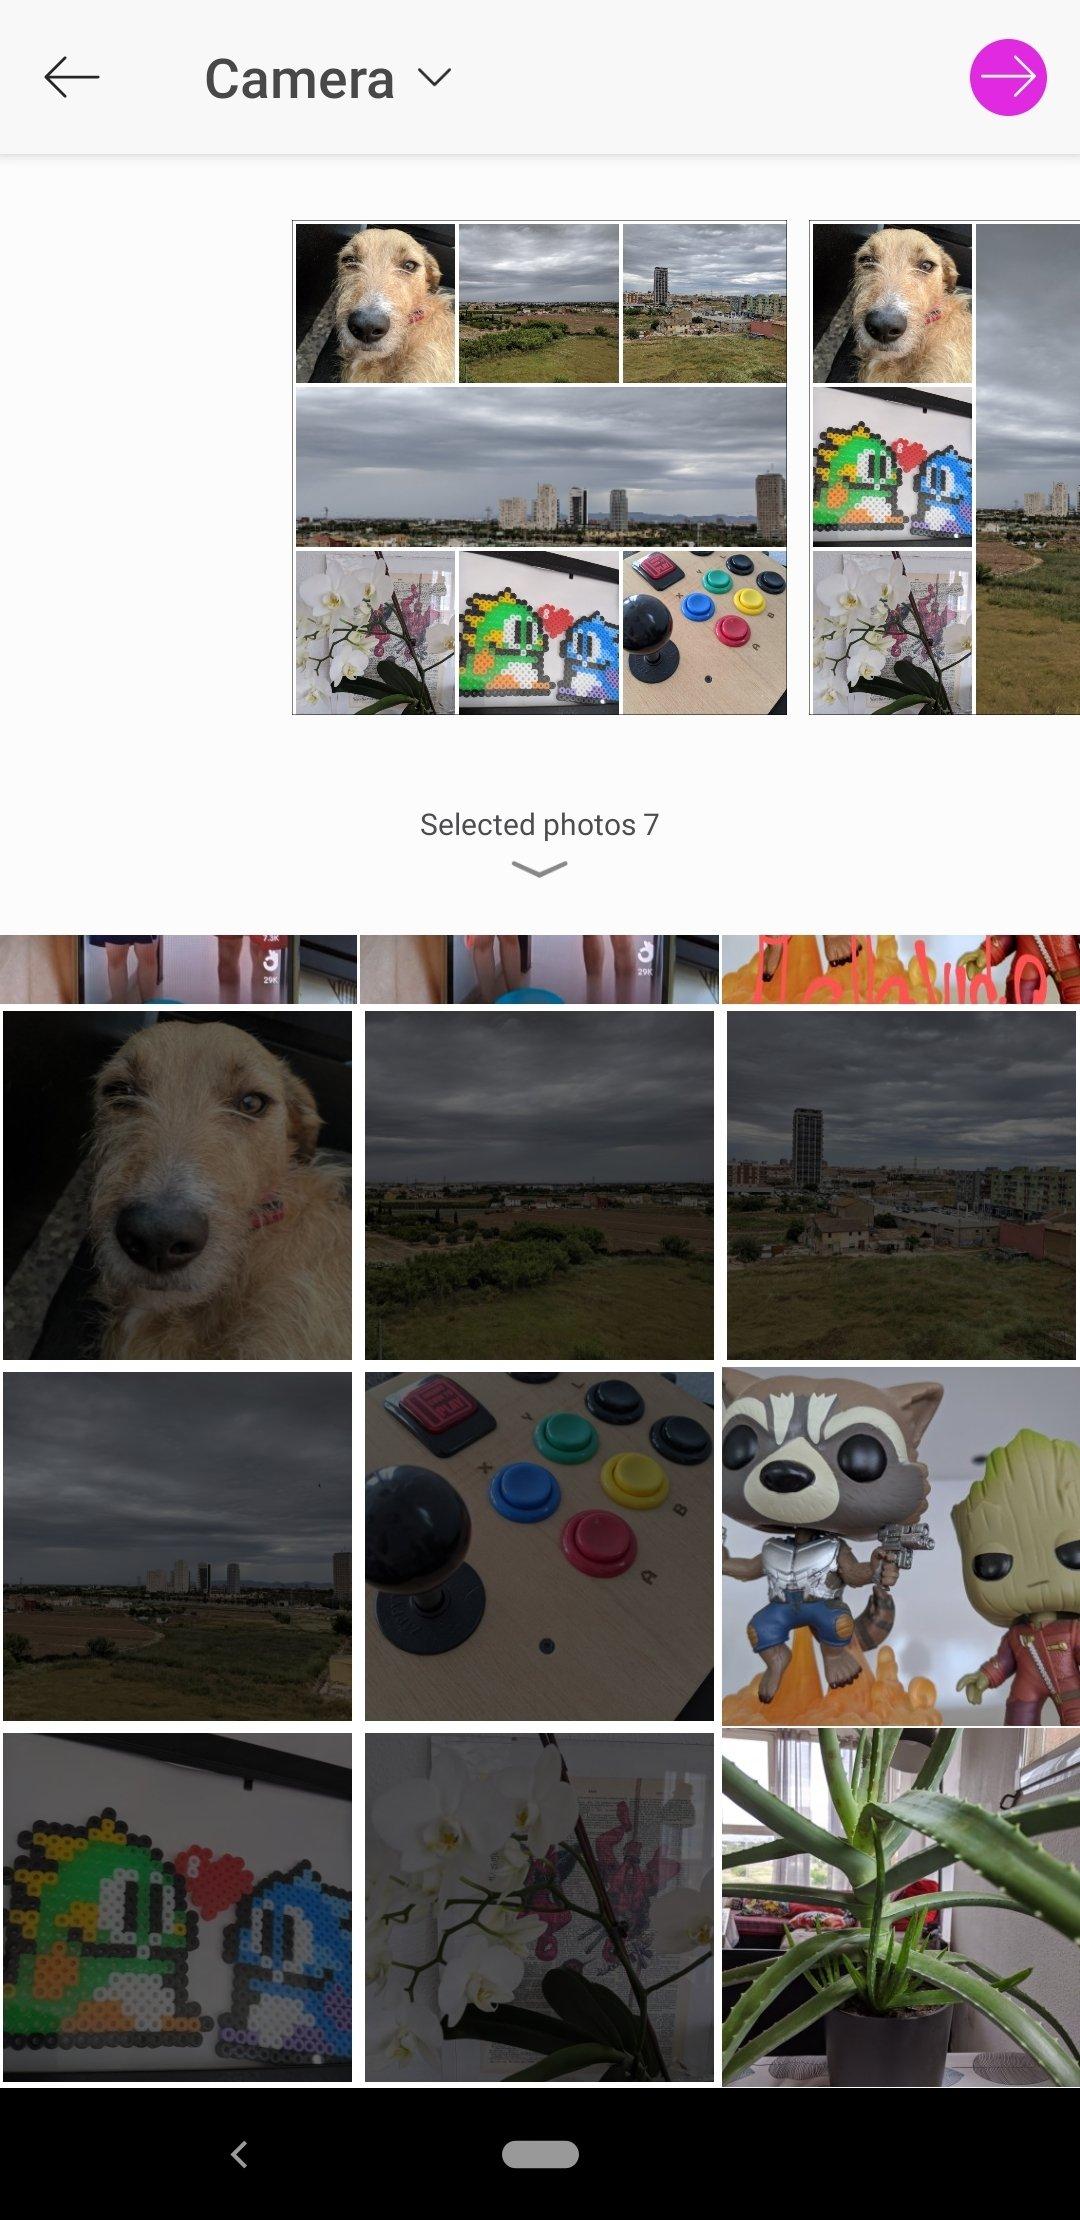 picsart apk free download